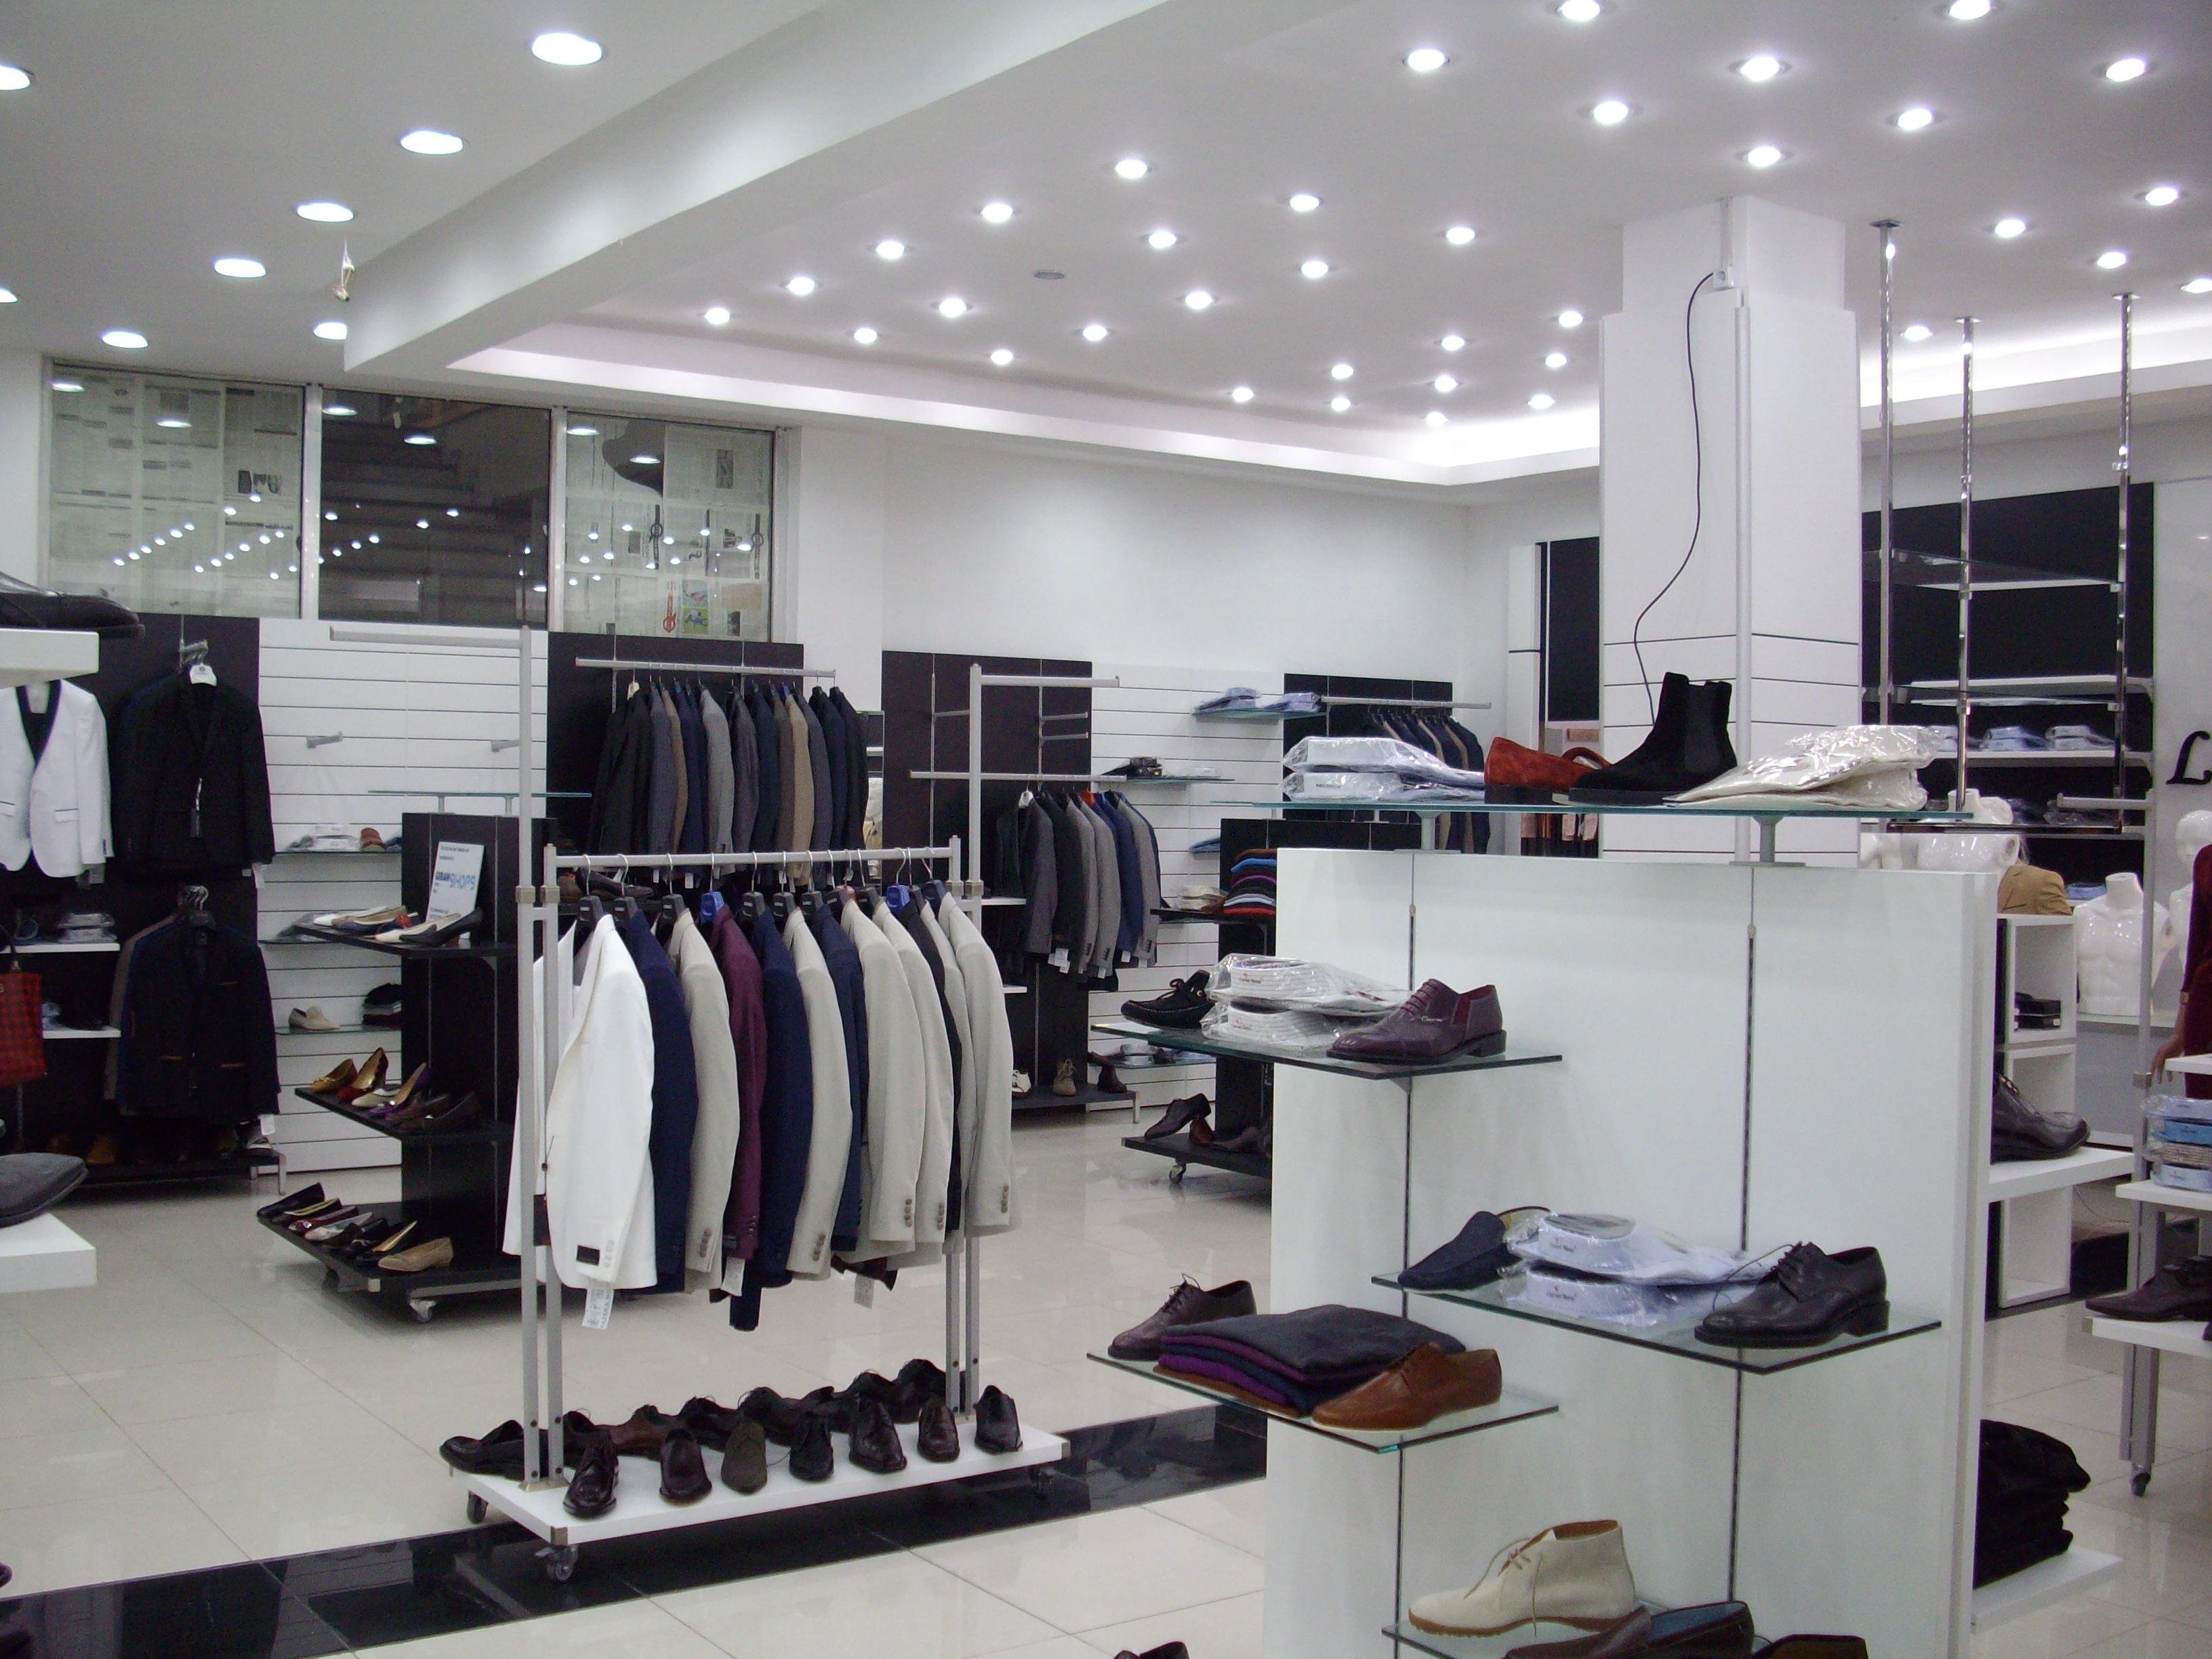 Arredamento negozio abbigliamento usato for Negozi arredamento economici